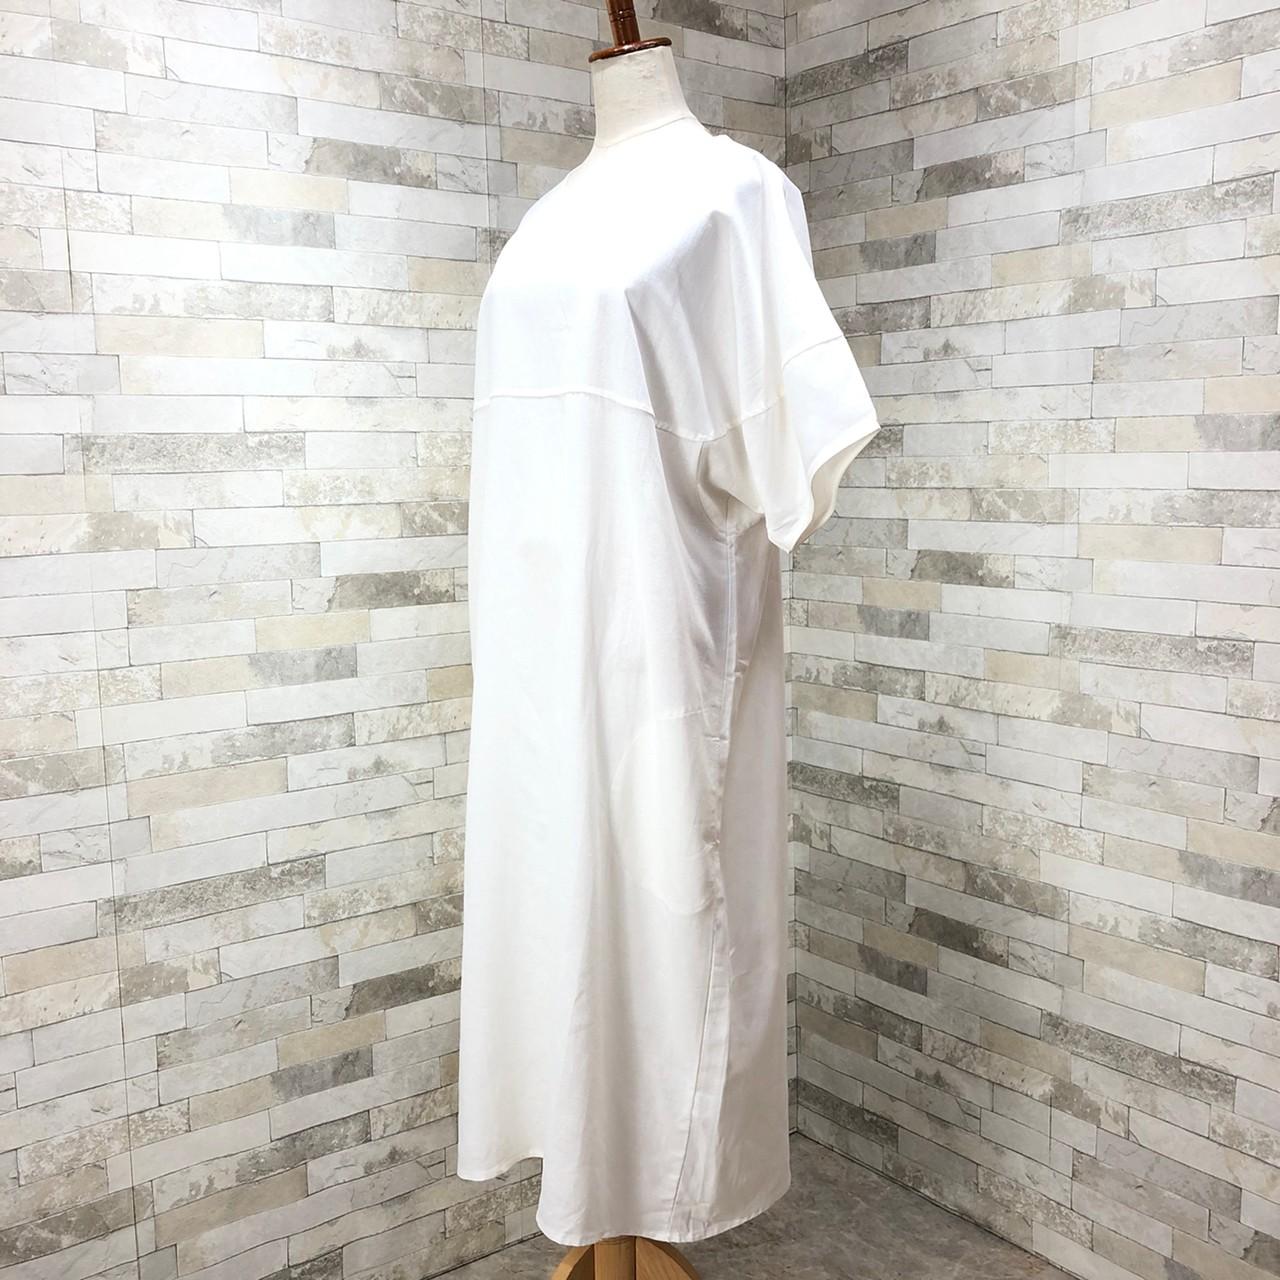 韓国 ファッション ワンピース 春 夏 カジュアル PTXI416  袖コンシャス ゆったり 体型カバー ラフ オルチャン シンプル 定番 セレカジの写真15枚目